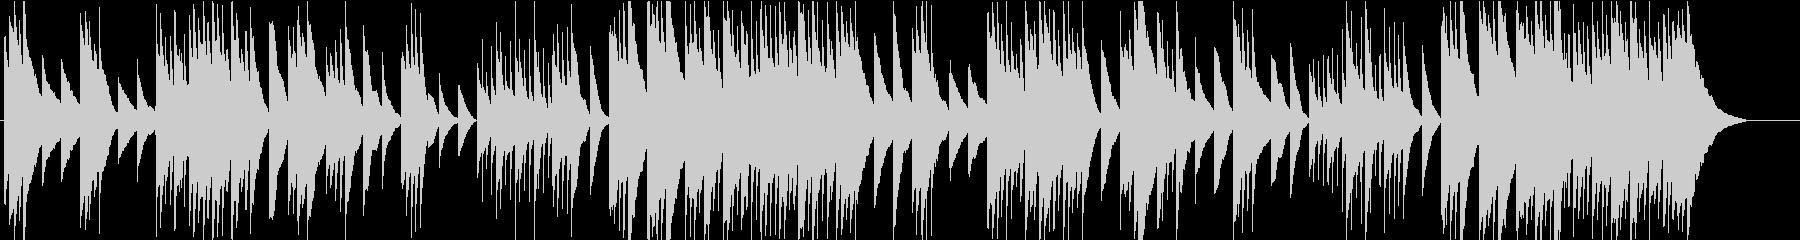 メルヘンチックでクラシカルなオルゴールの未再生の波形